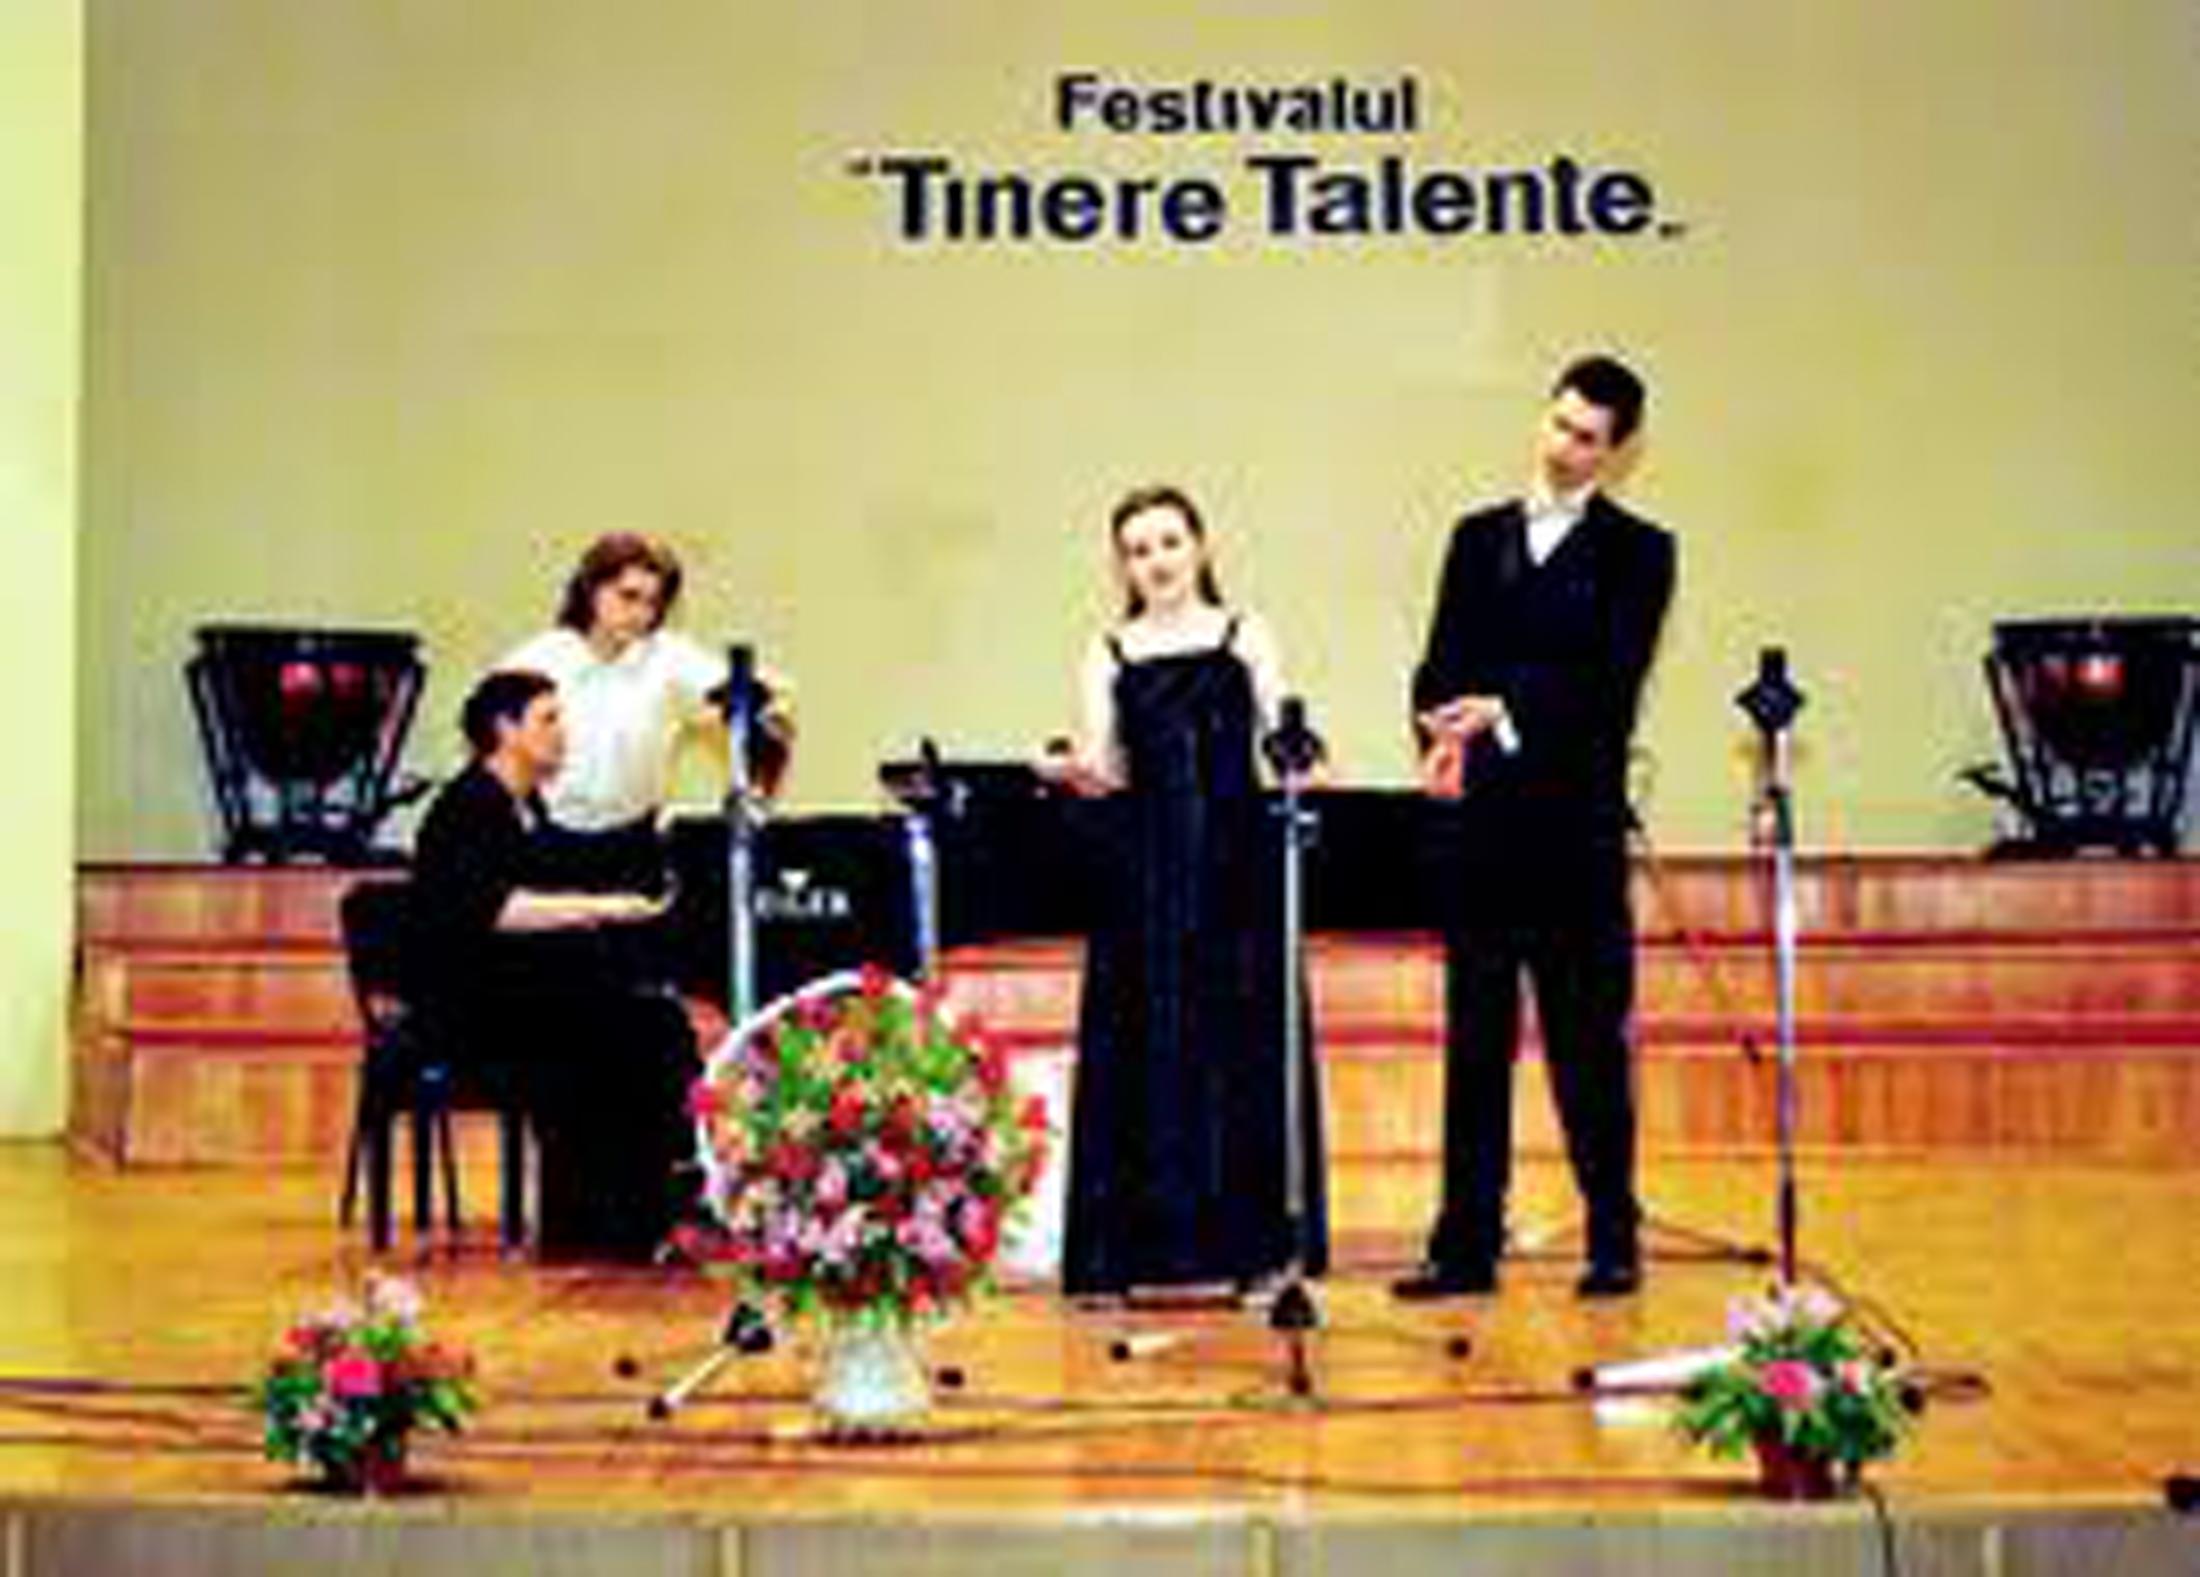 Festival Tinere Talente